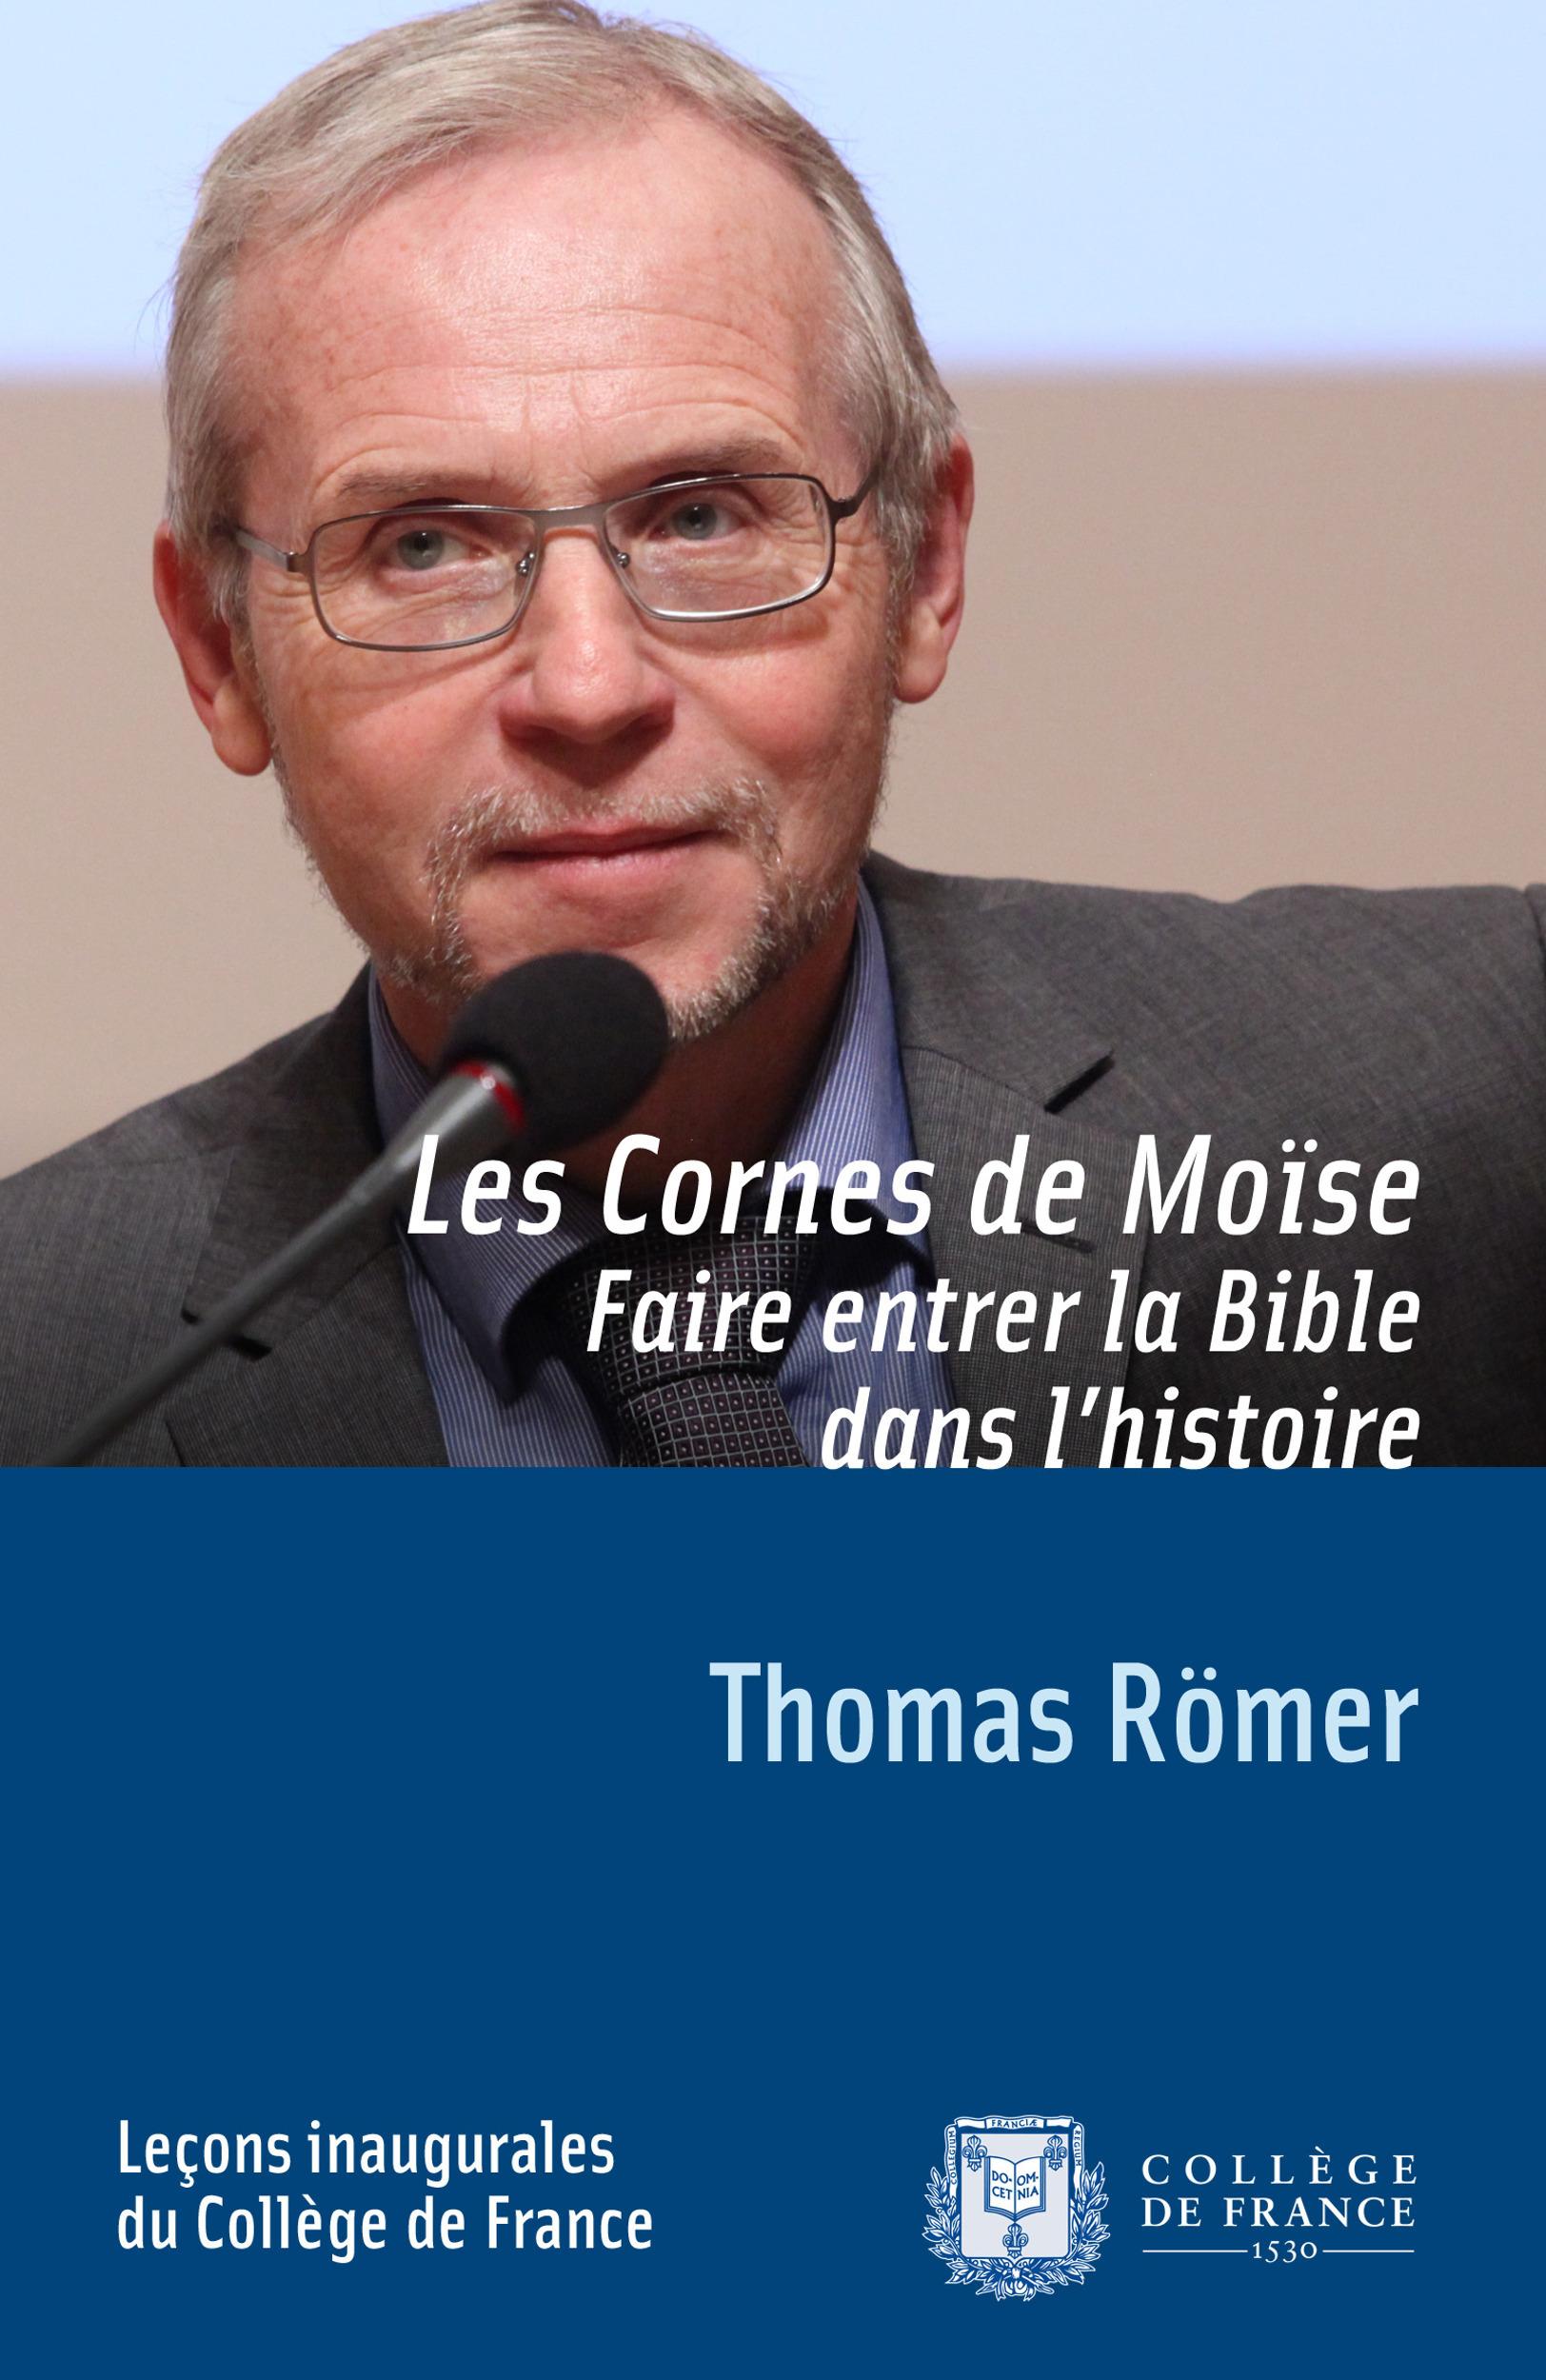 Les cornes de Moïse ; faire entrer la Bible dans l'histoire